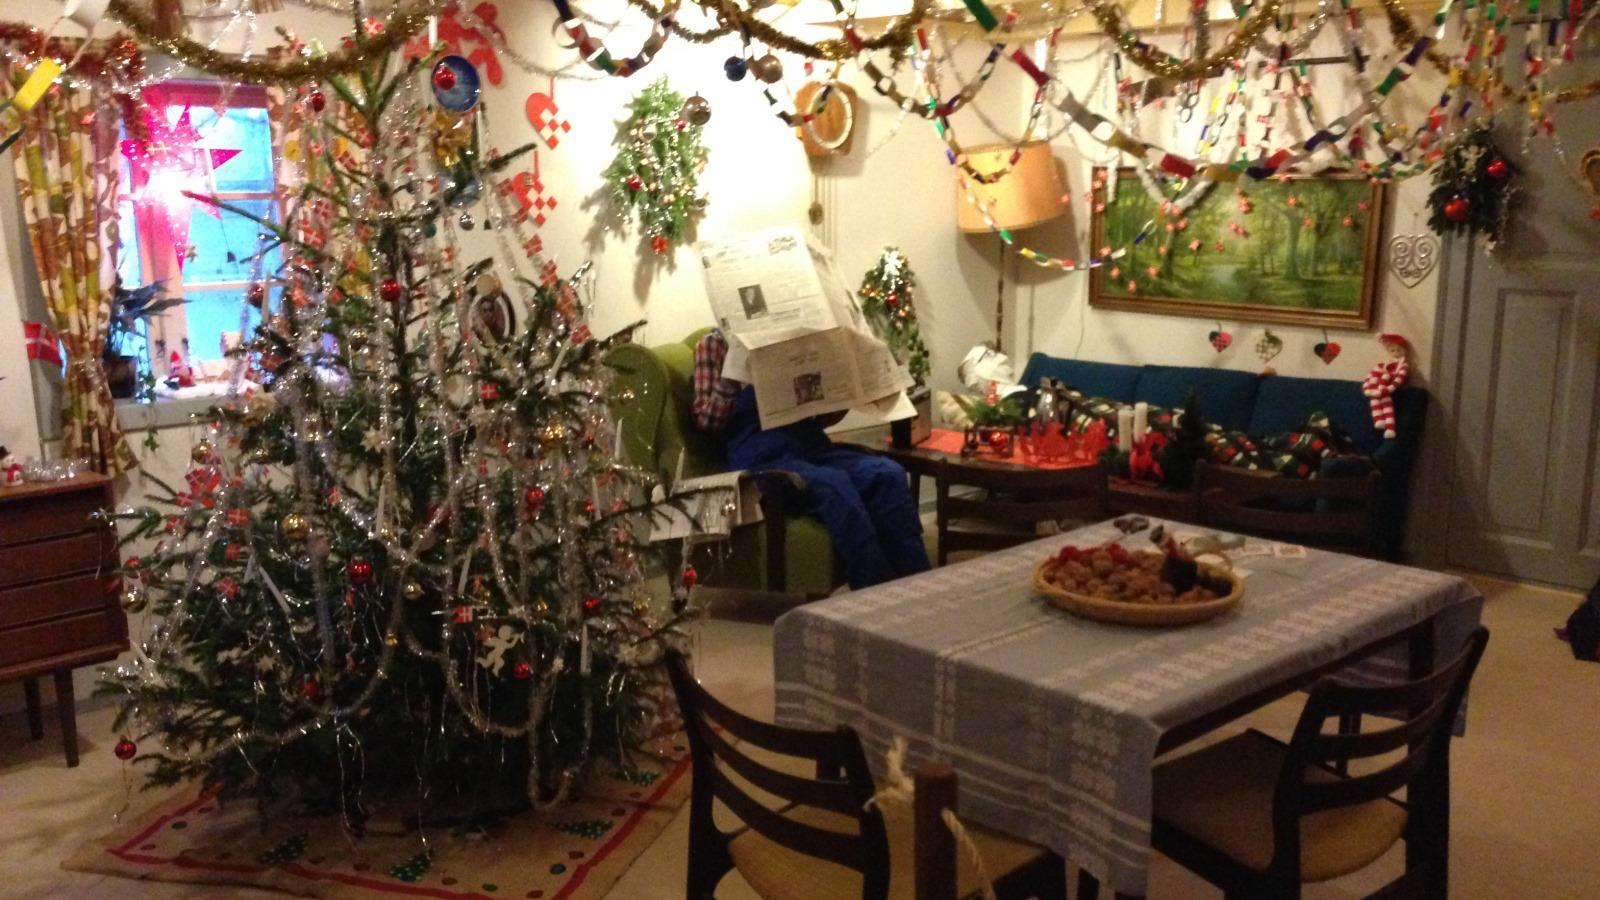 The Julekalender Udstilling Bundsbæk Mølle 01